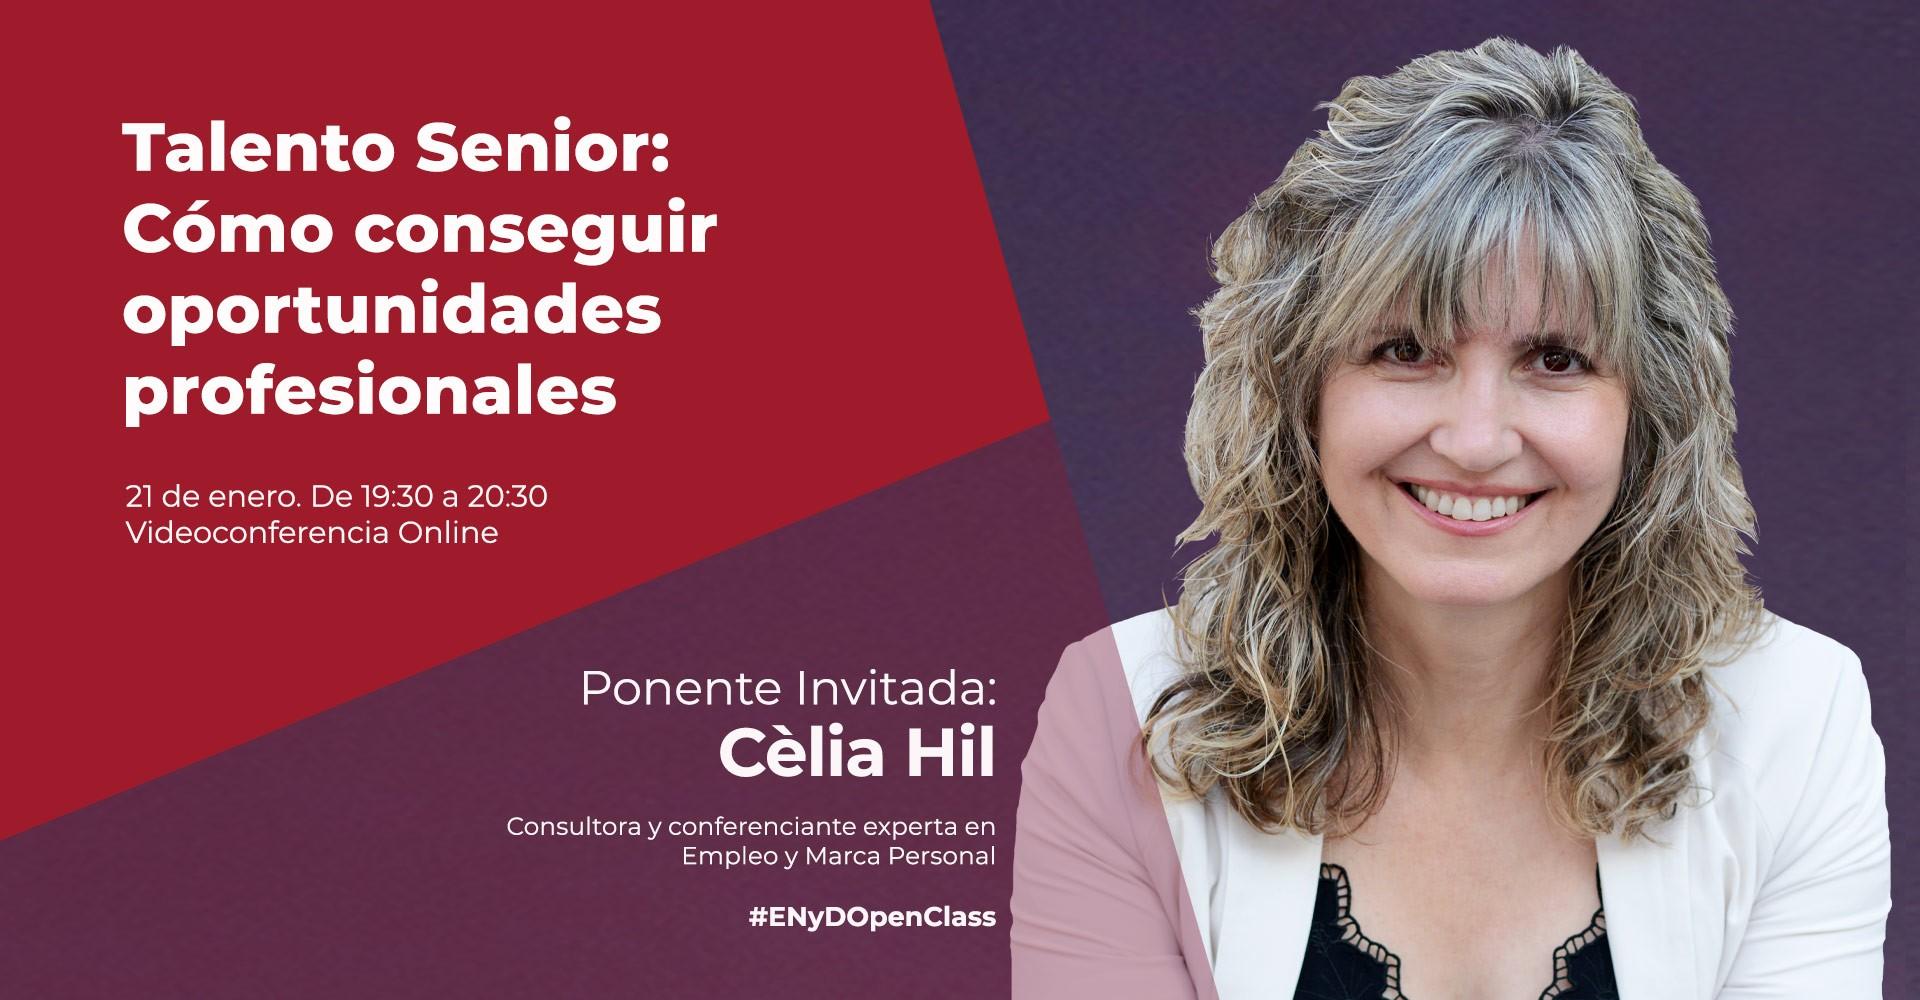 Cèlia Hil - Openclass sobre Talento Senior